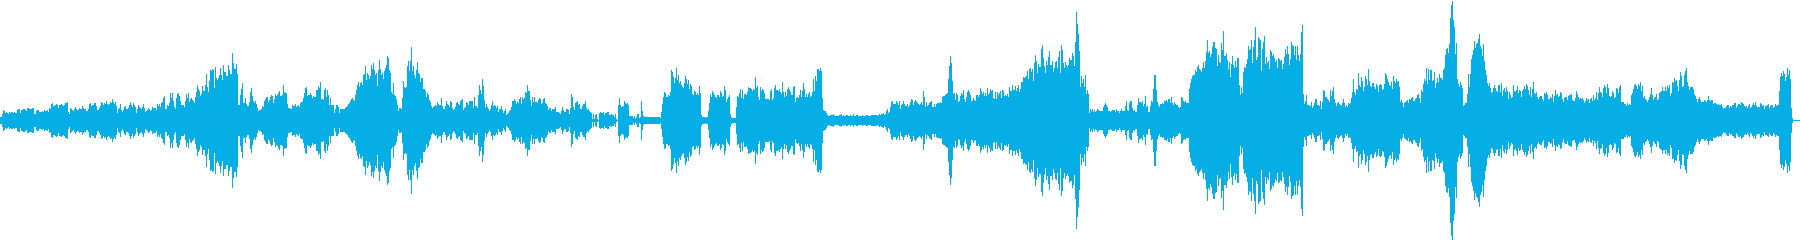 リヒャルト・ワーグナーのカバーの再生済みの波形